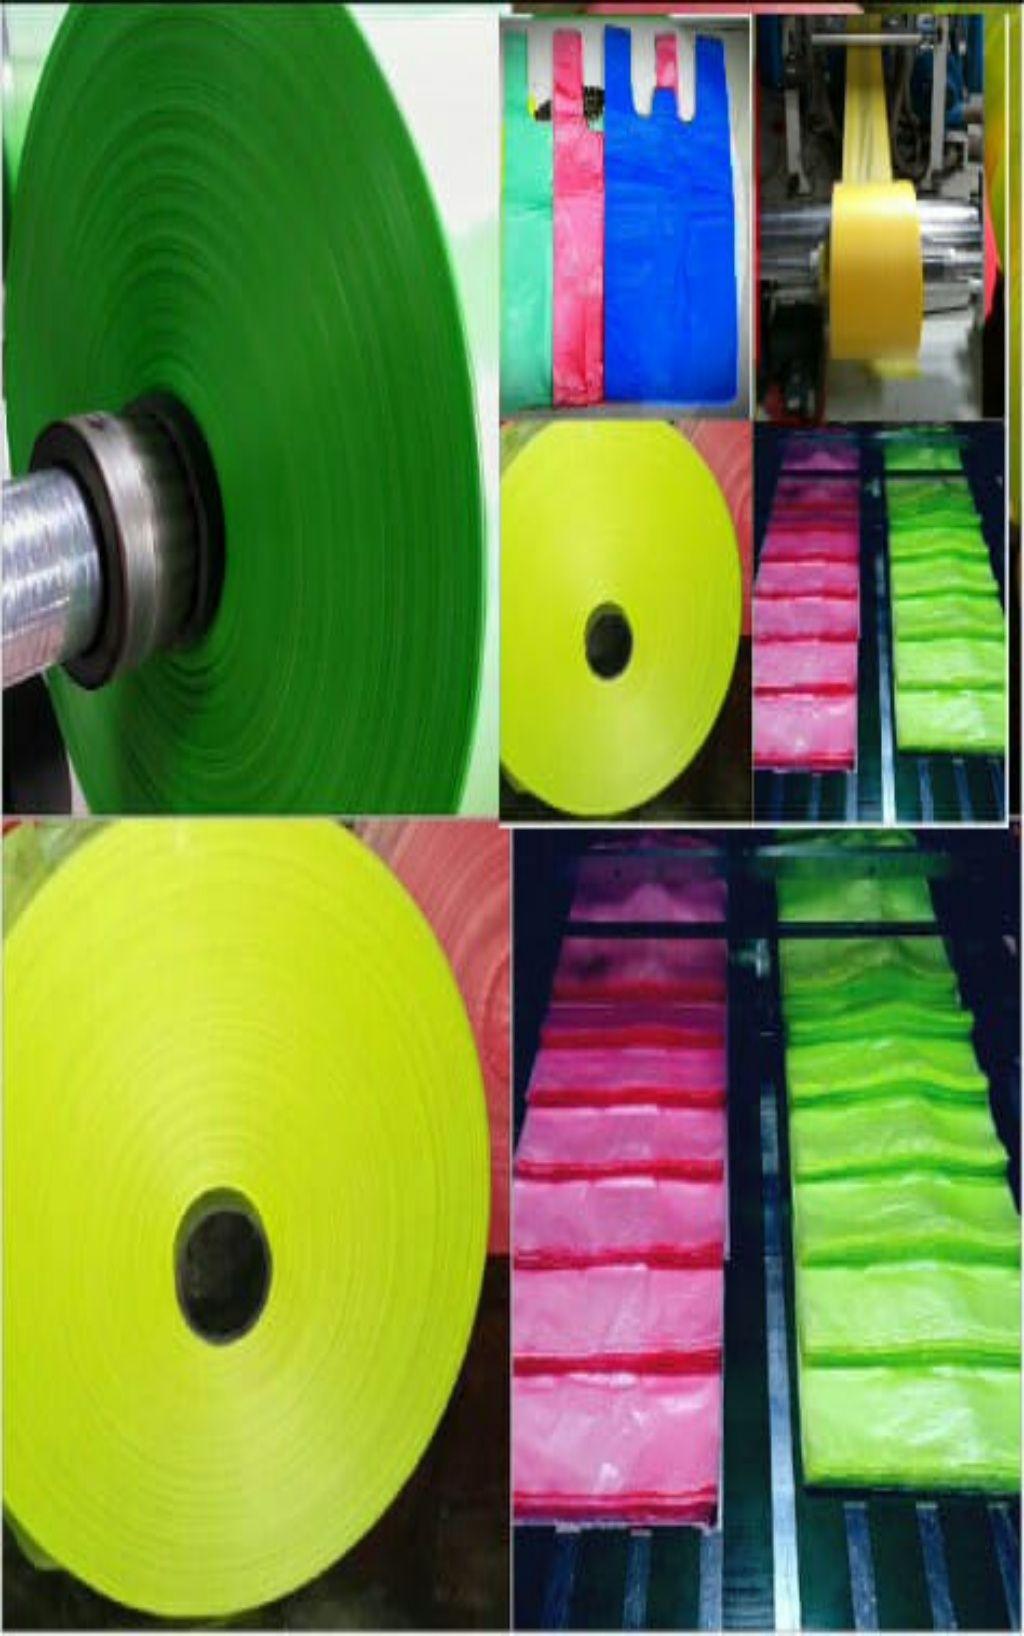 اكياس بلاستيك للبيع اكياس نفايات للبيع أكياس نايلون للبيع من مصنع اتحاد الخير للبلاستيك بجدة 0545751921 اختيارك عند البحث عن مصنع اكياس بلاستي